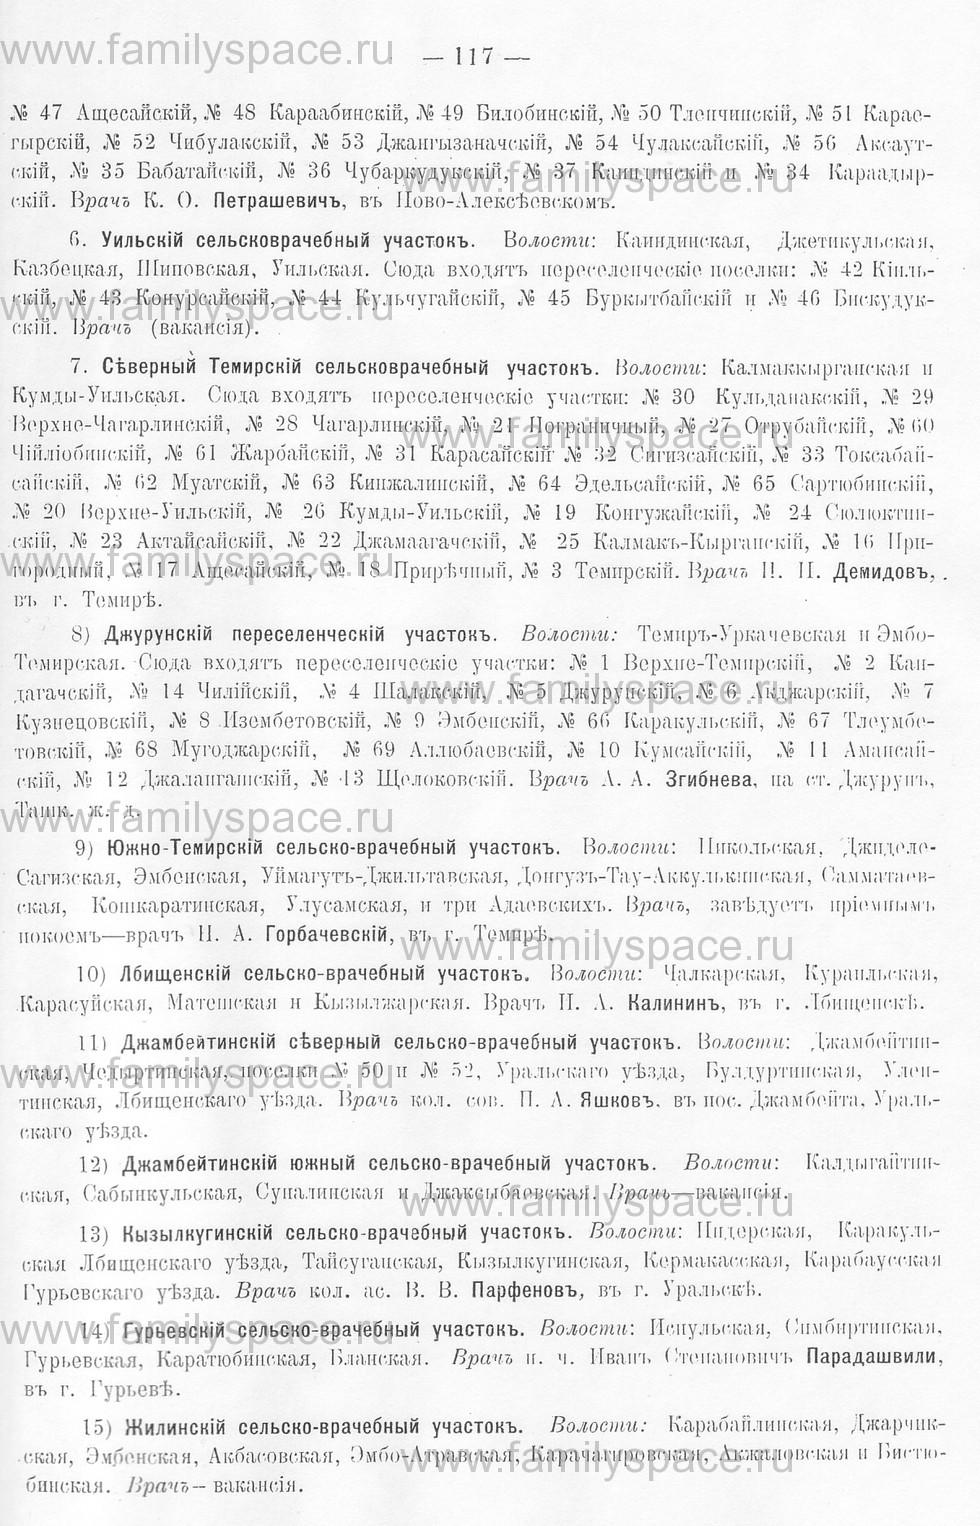 Поиск по фамилии - Памятная книжка Уральской области на 1913 год, страница 117